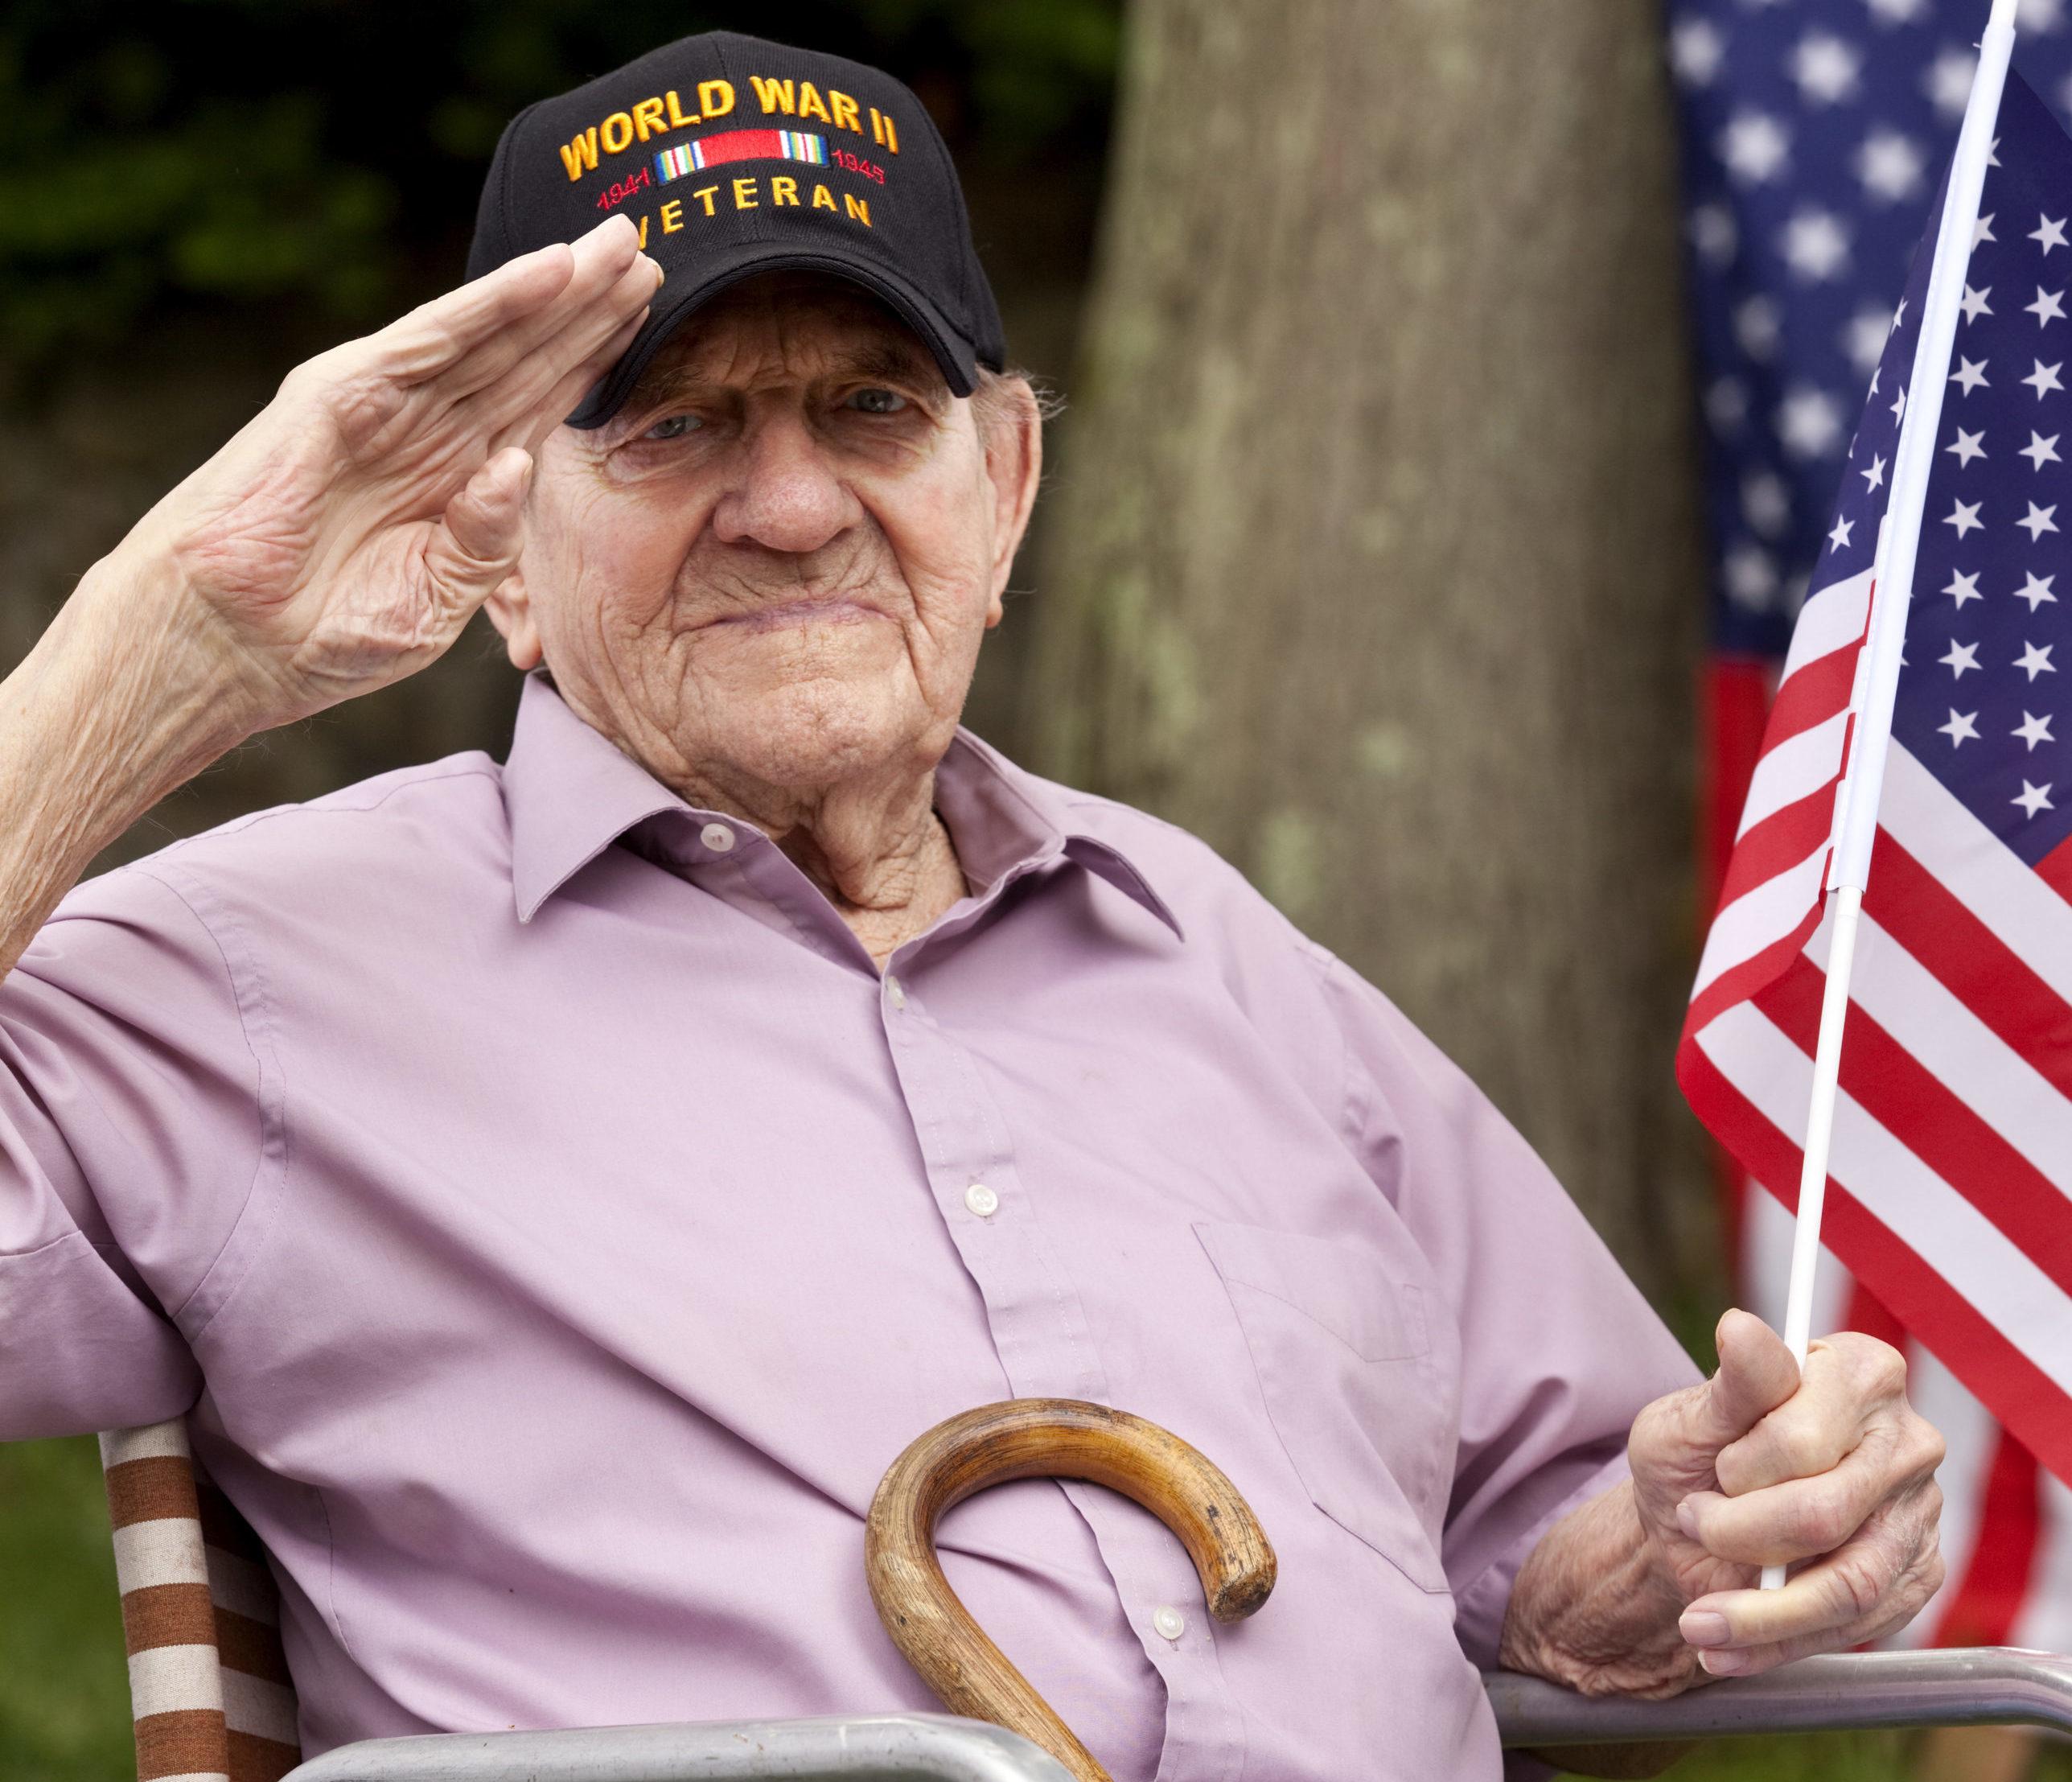 Home Health Care for Elderly Veteran Saluting US Flag